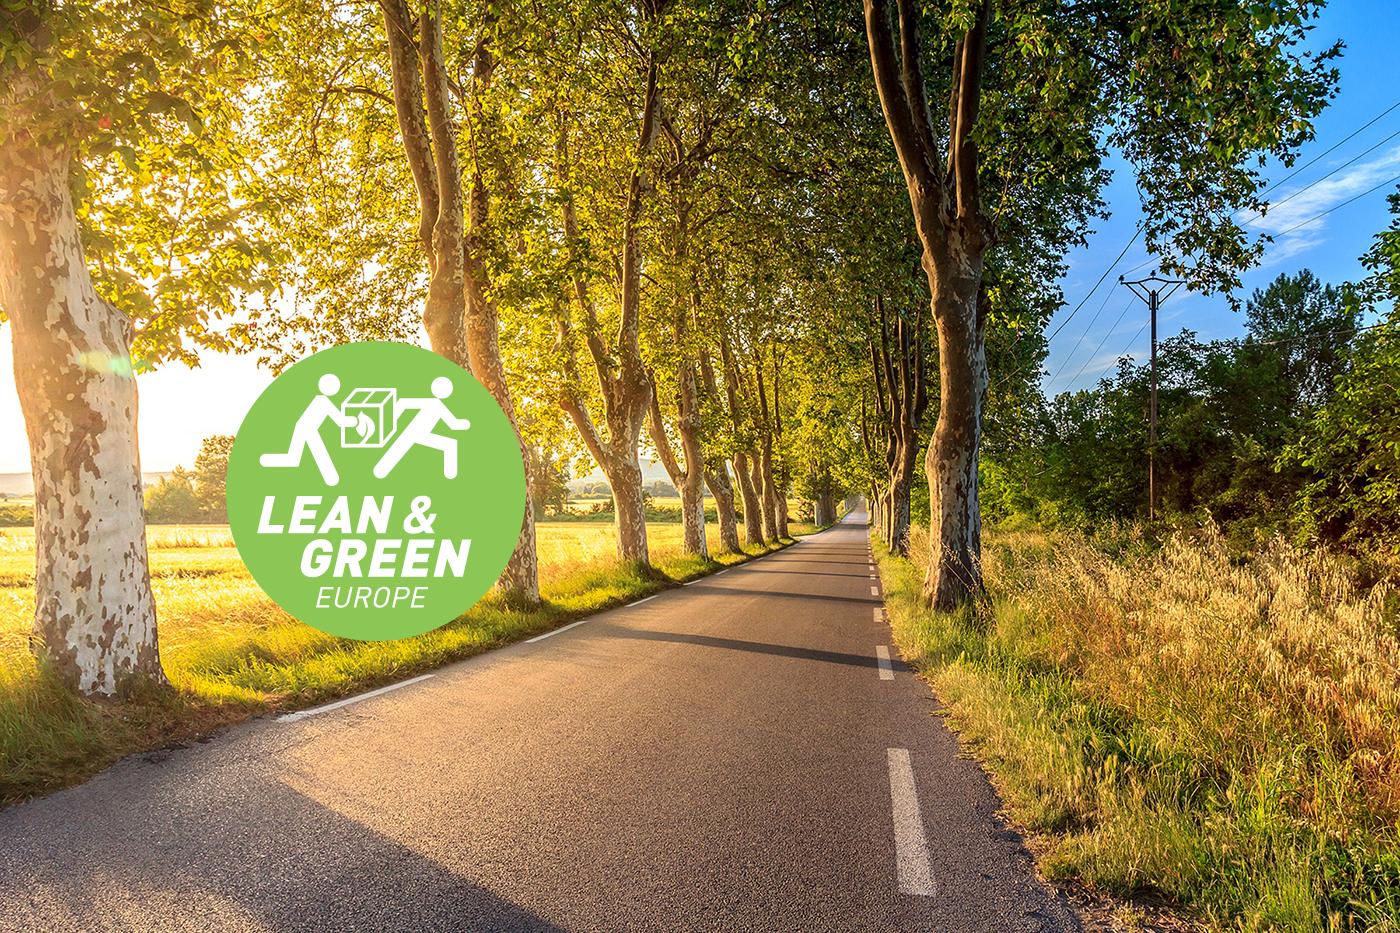 Lean&Green suma 10 nuevos socios comprometidos con la reducción de sus emisiones de CO2 en la logística y el transporte